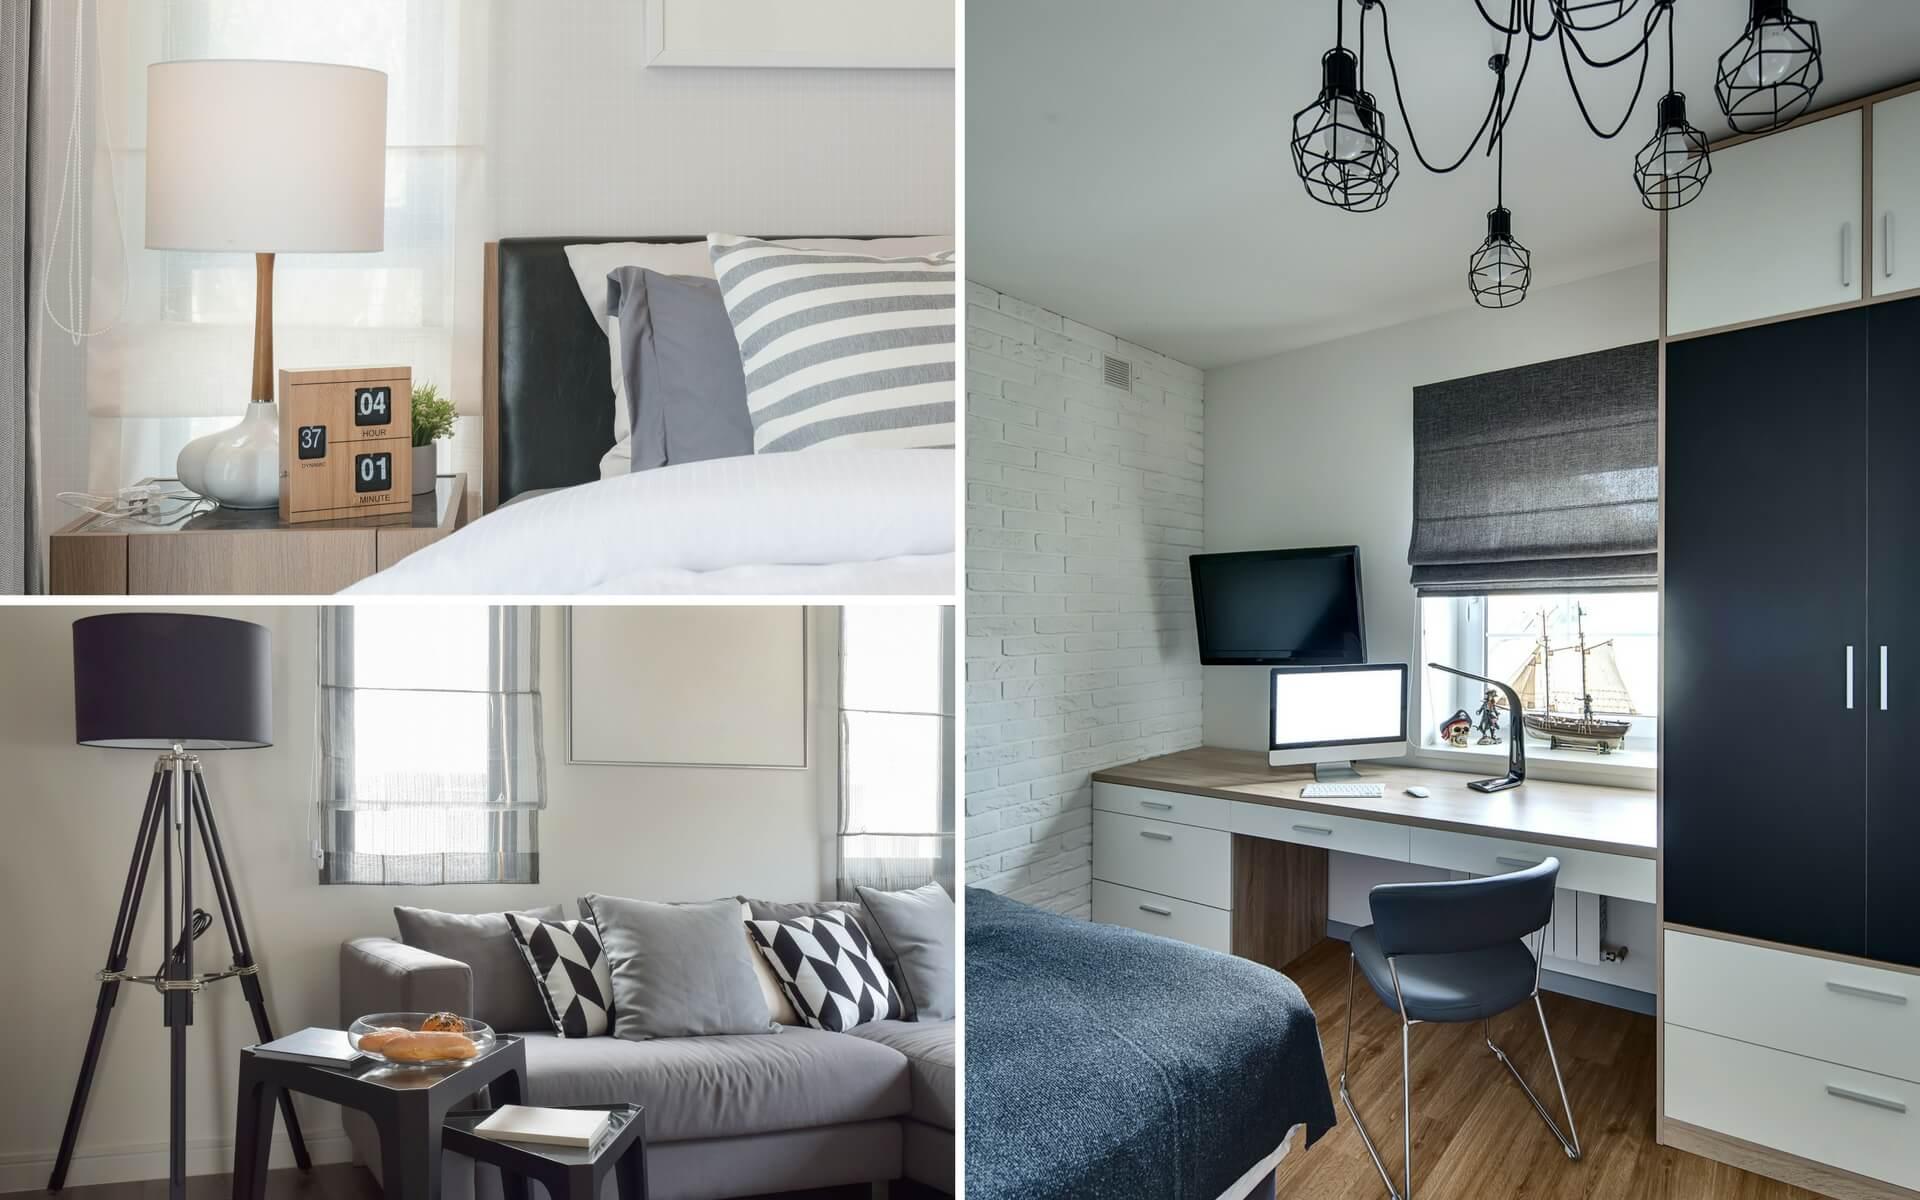 Tipi Di Tende Per Casa come scegliere i tipi di tende in casa | blog oknoplast